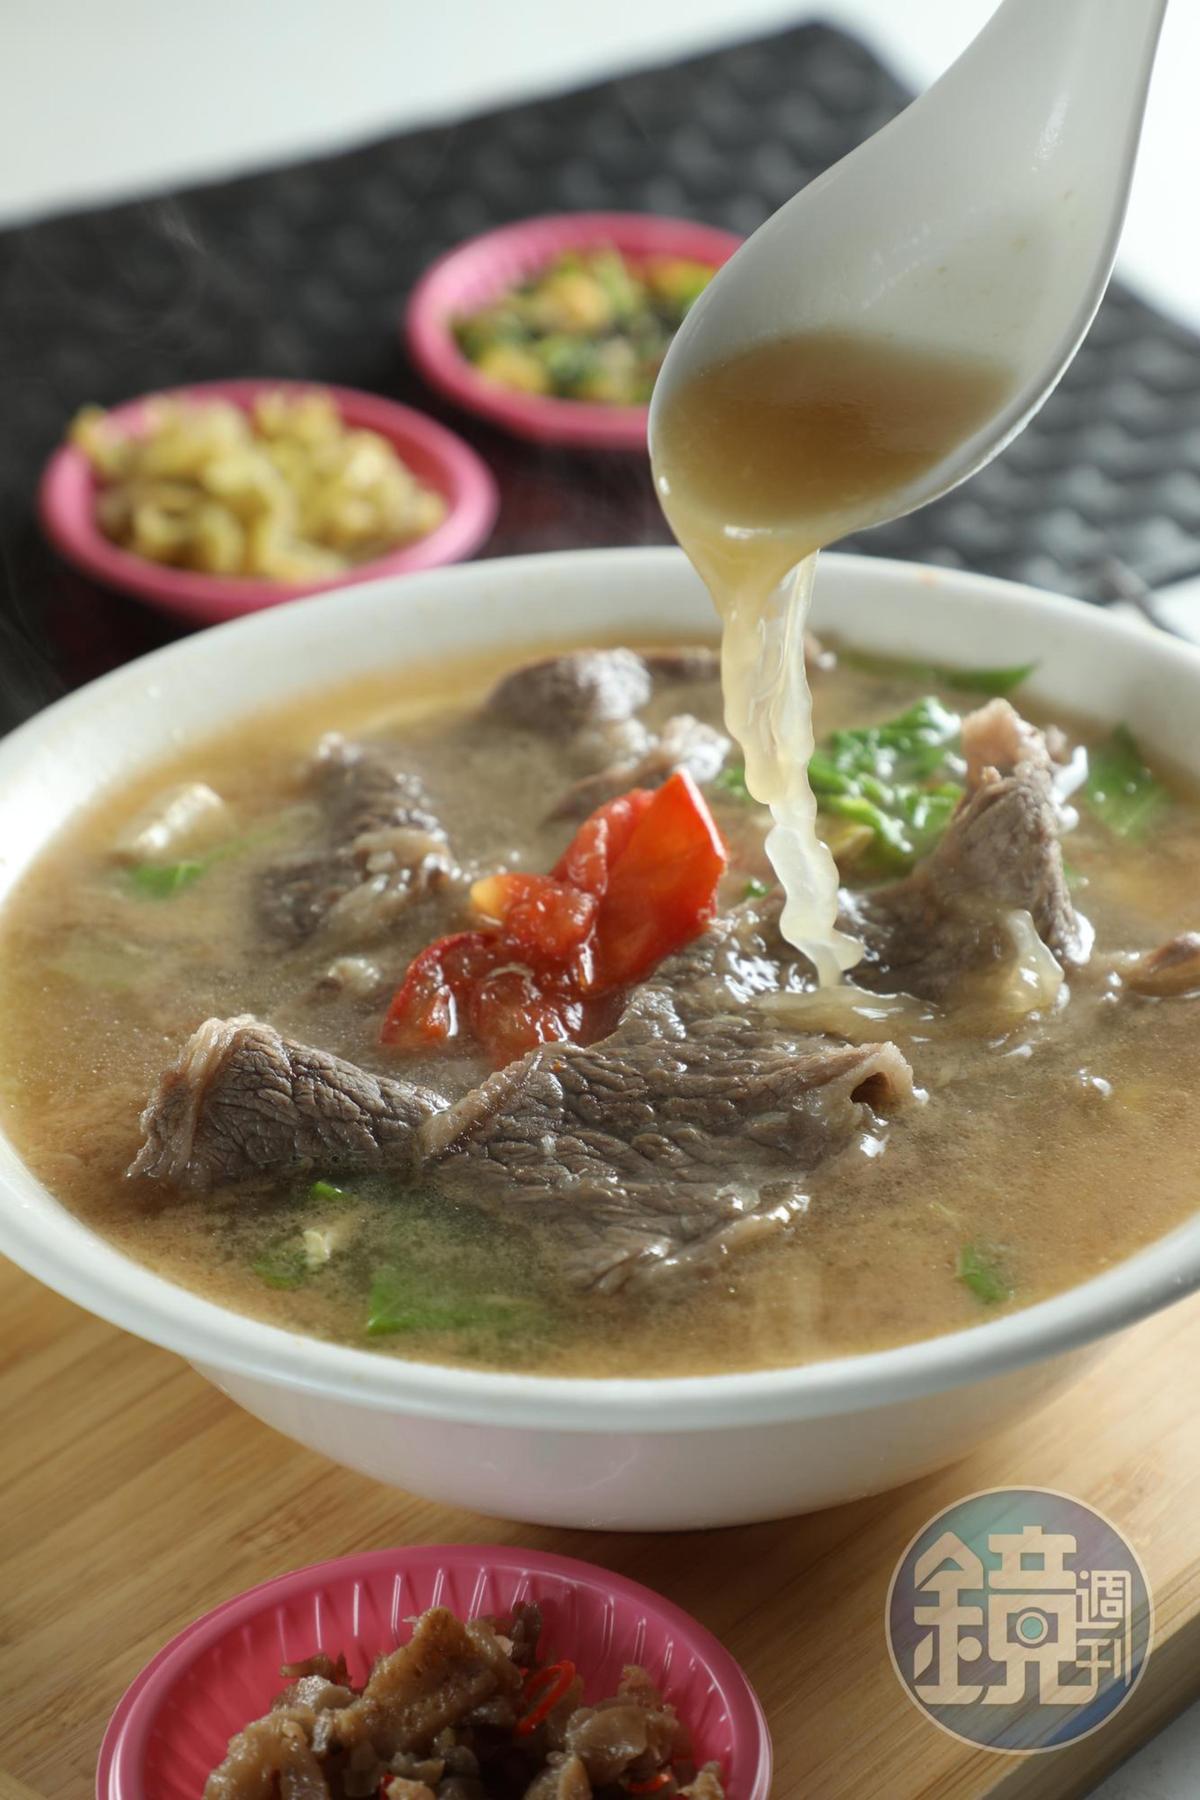 「霜降招牌湯」的湯底以全雞、梅花豬肉和大量蔬果熬成,清甜可口,0.3公分厚的霜降牛肉片,有嚼感和甜分。(220元/碗)